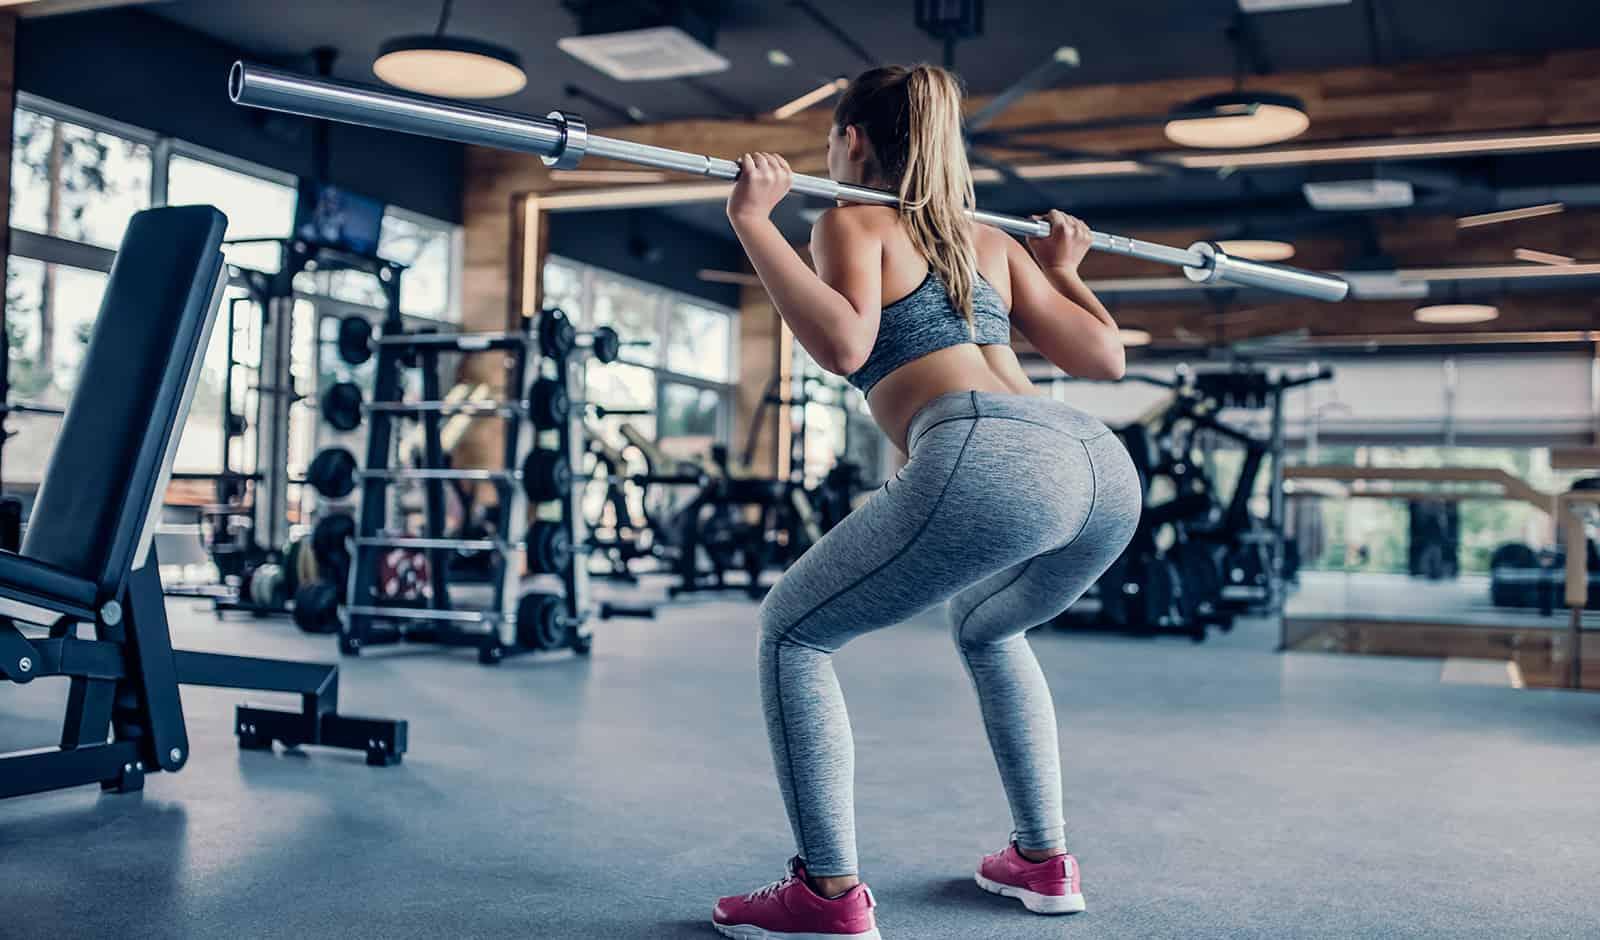 the-prettiest-women-in-sports-main-image